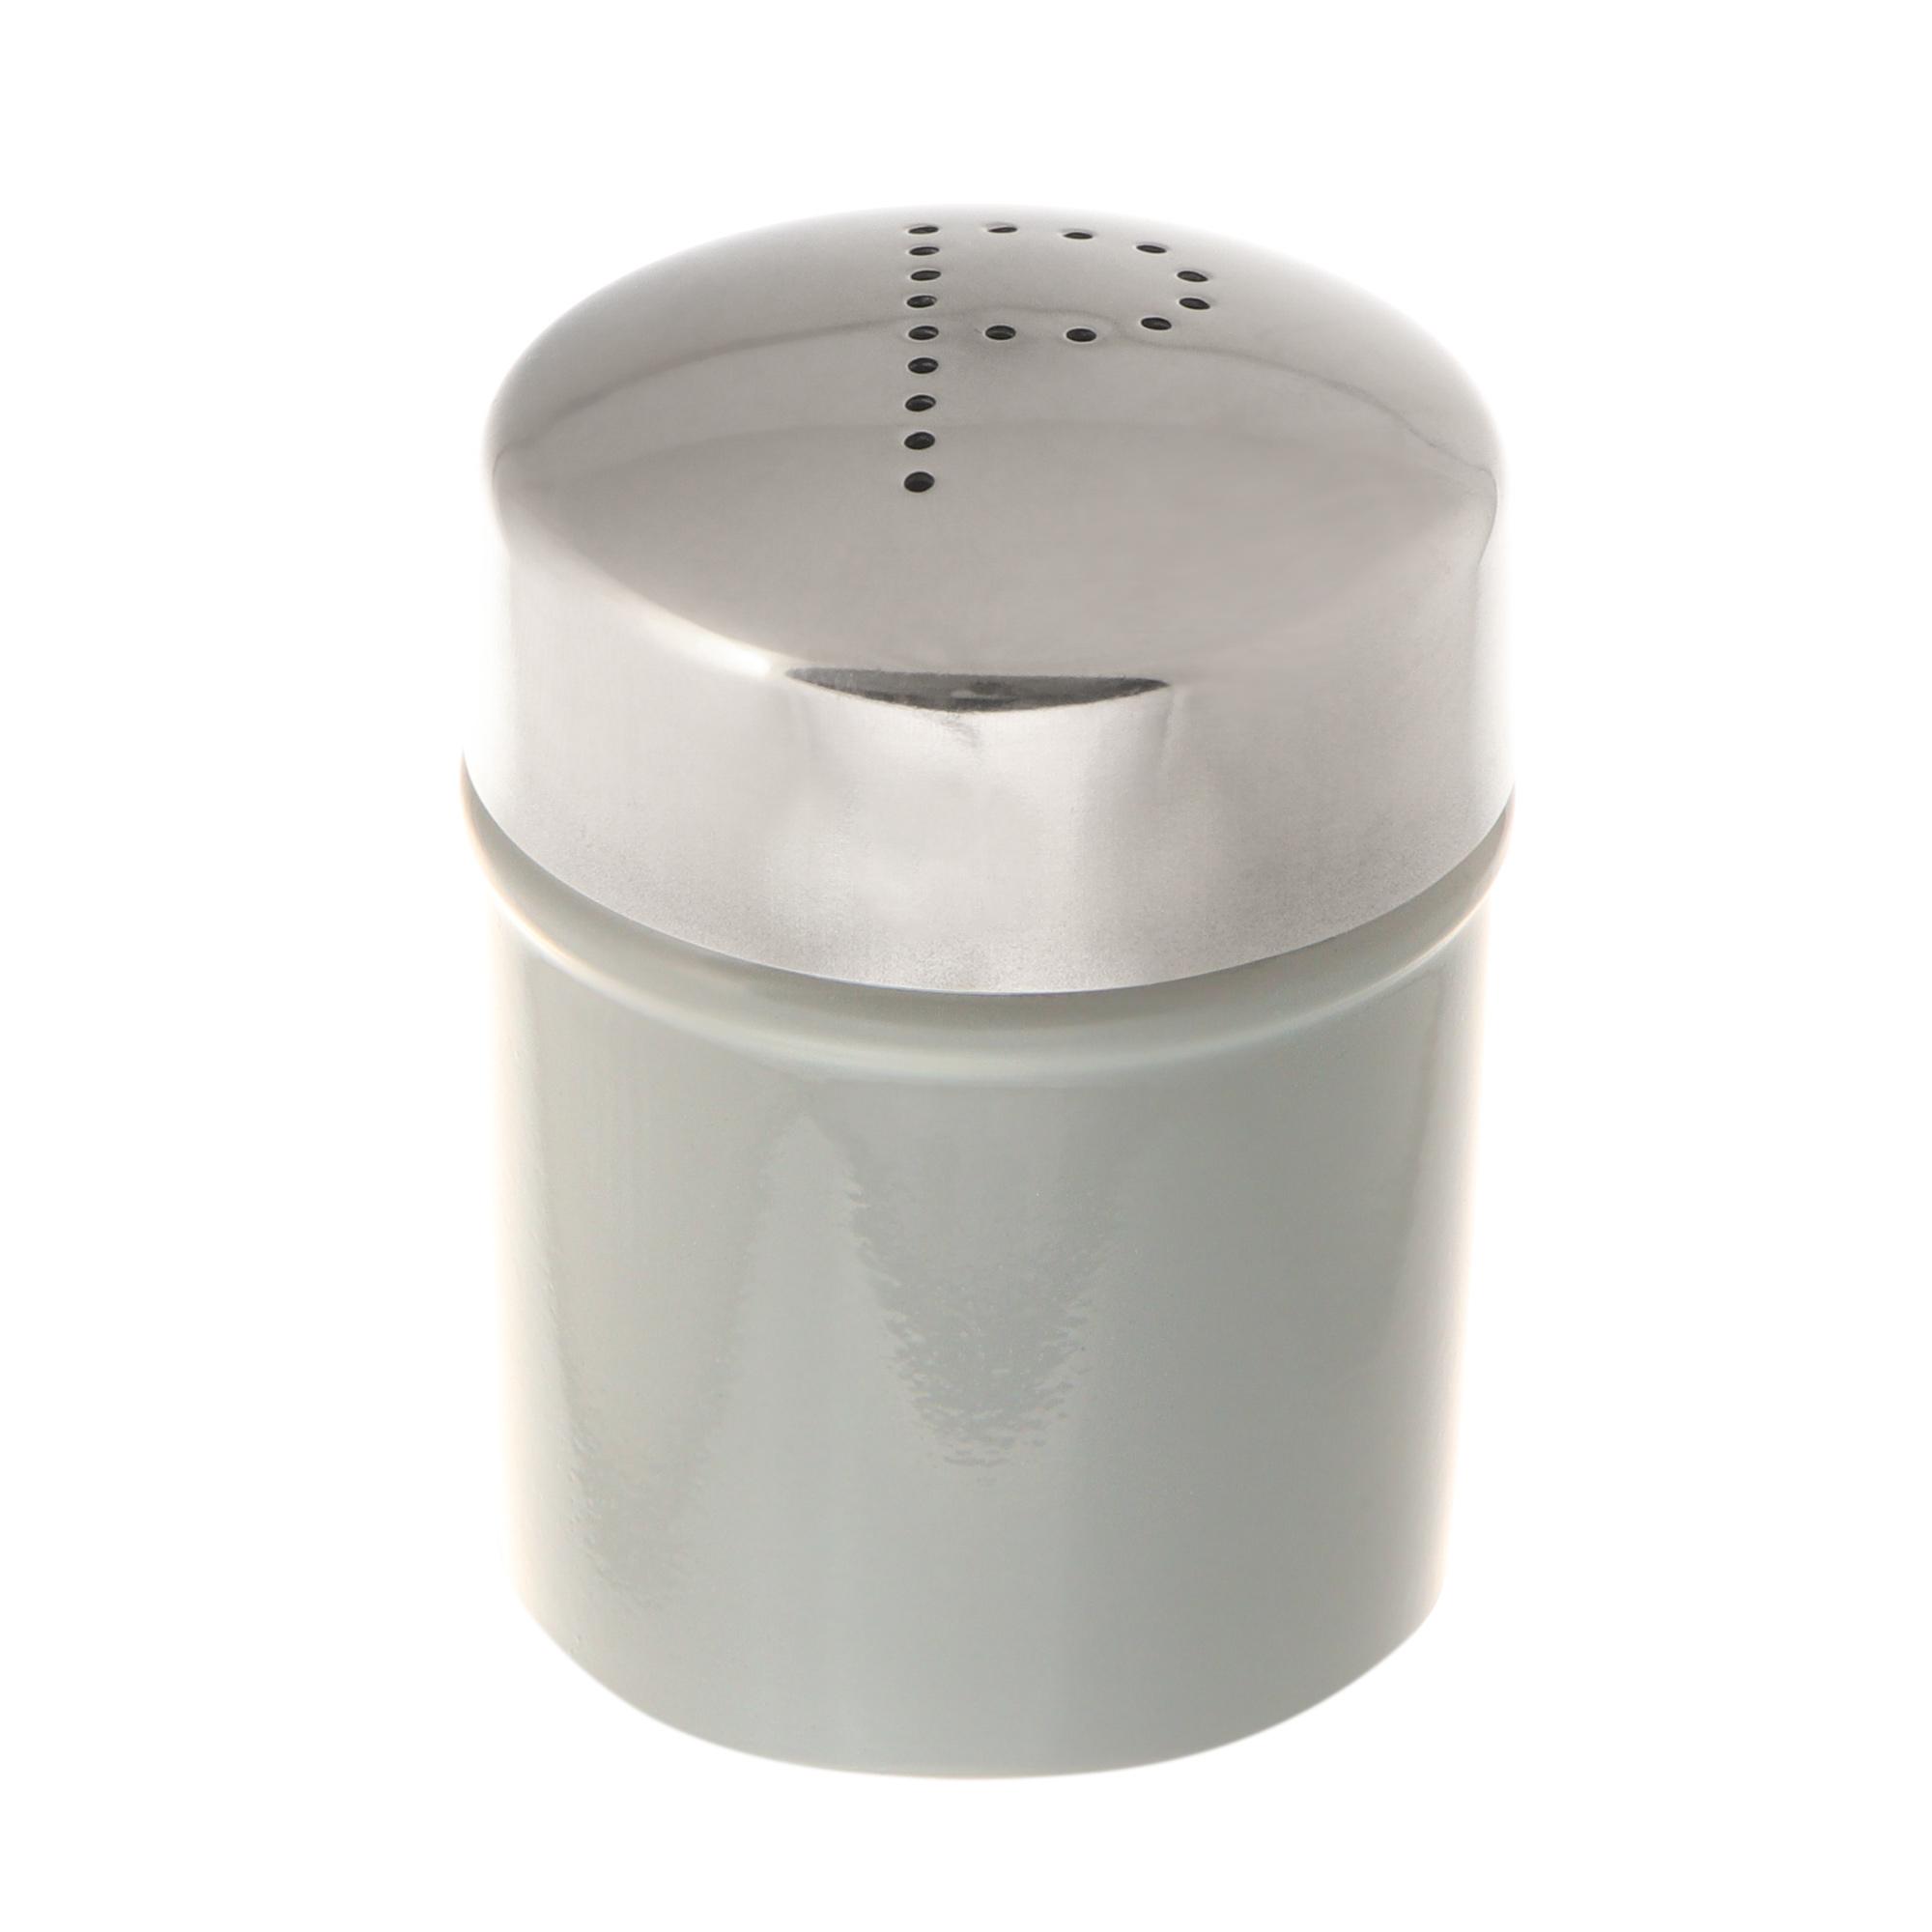 Набор диспенсеров для соли и перца Fackelmann belloni